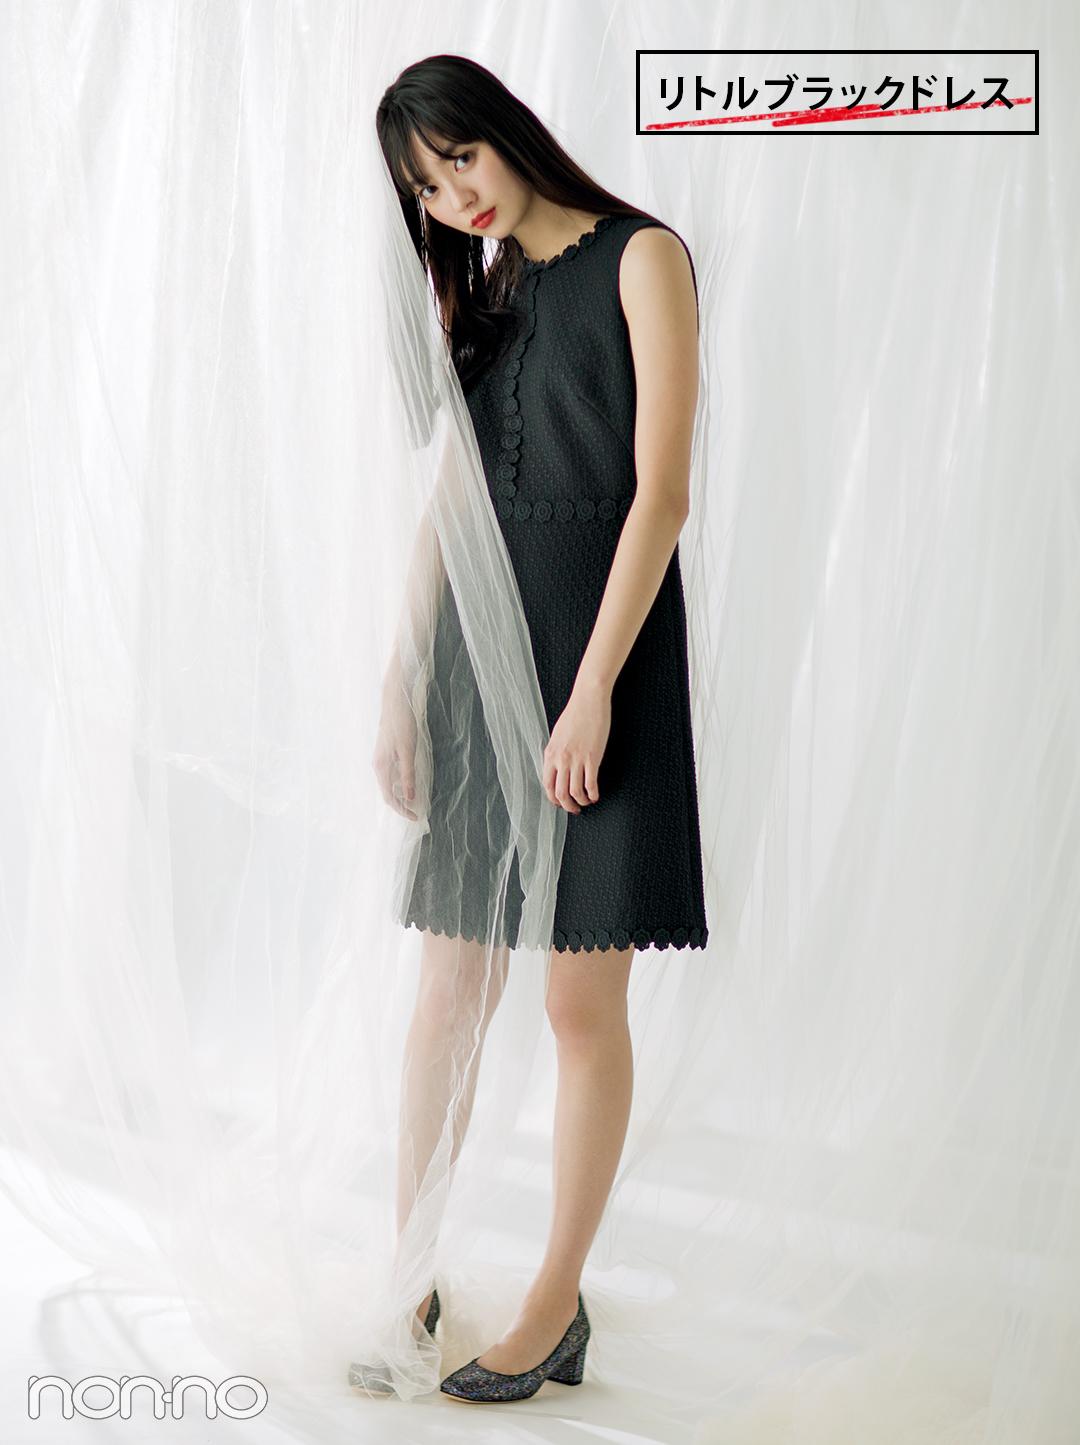 運命の一着。ケイトスペードのリトルブラックドレス【優愛のおしゃれ定番図鑑】_1_1